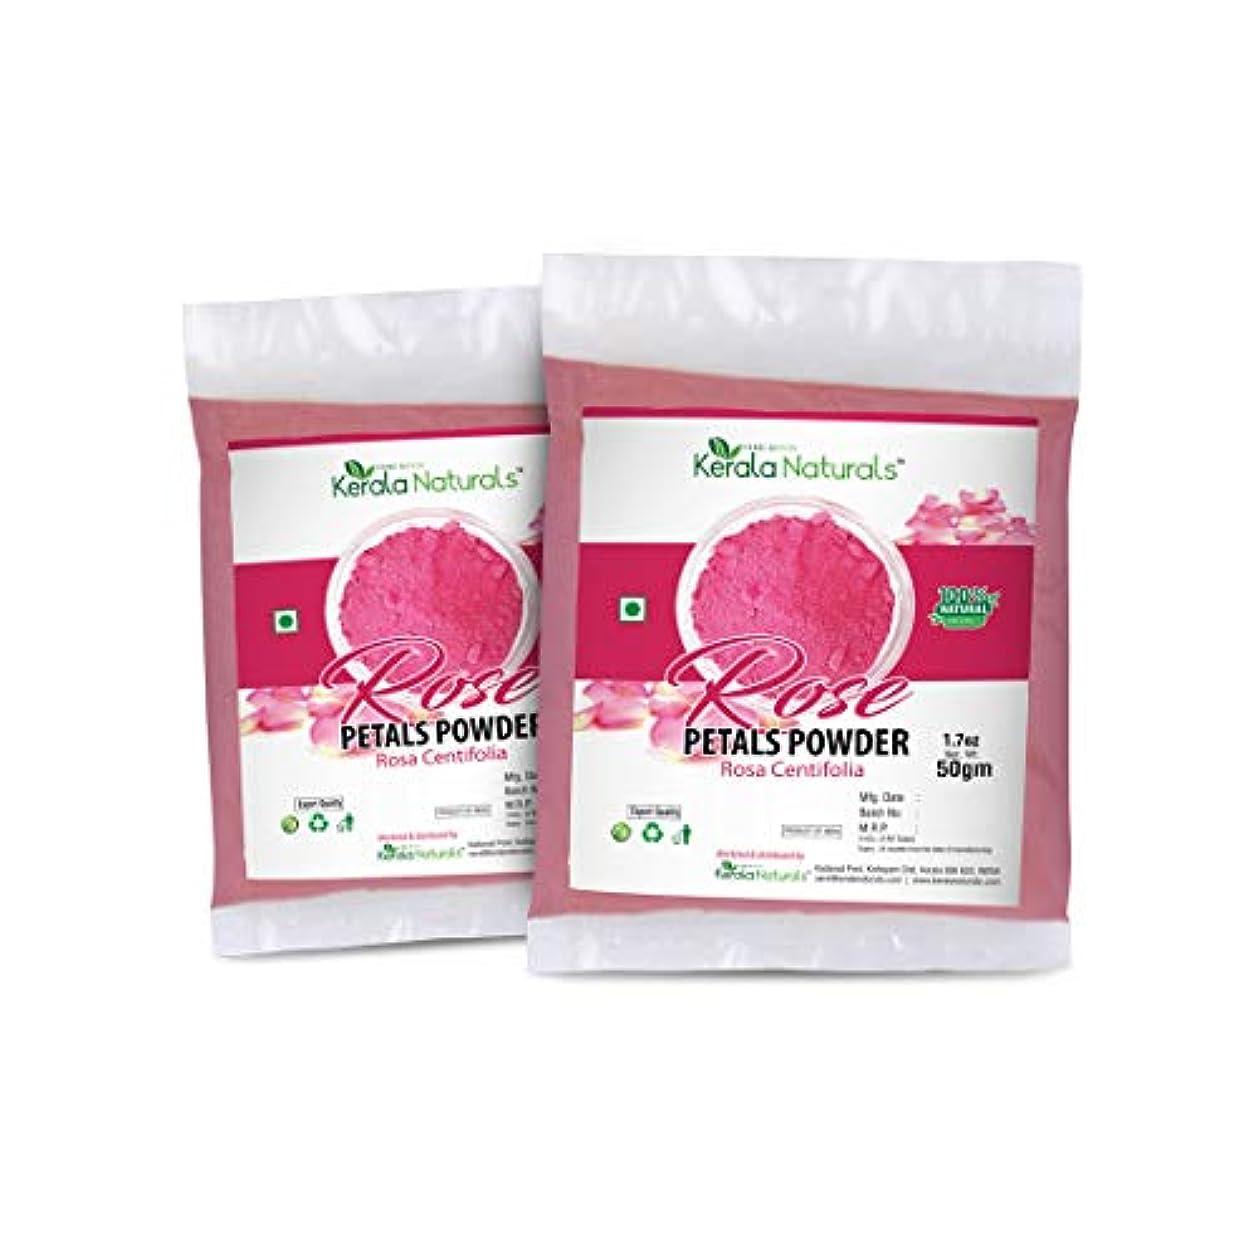 崩壊治安判事オークRose Petals Powder (Rosa Centifolia) for Anti Ageing- 100gm (50gm x 2 Packs) - Rejuvenating and Moisturising Face...